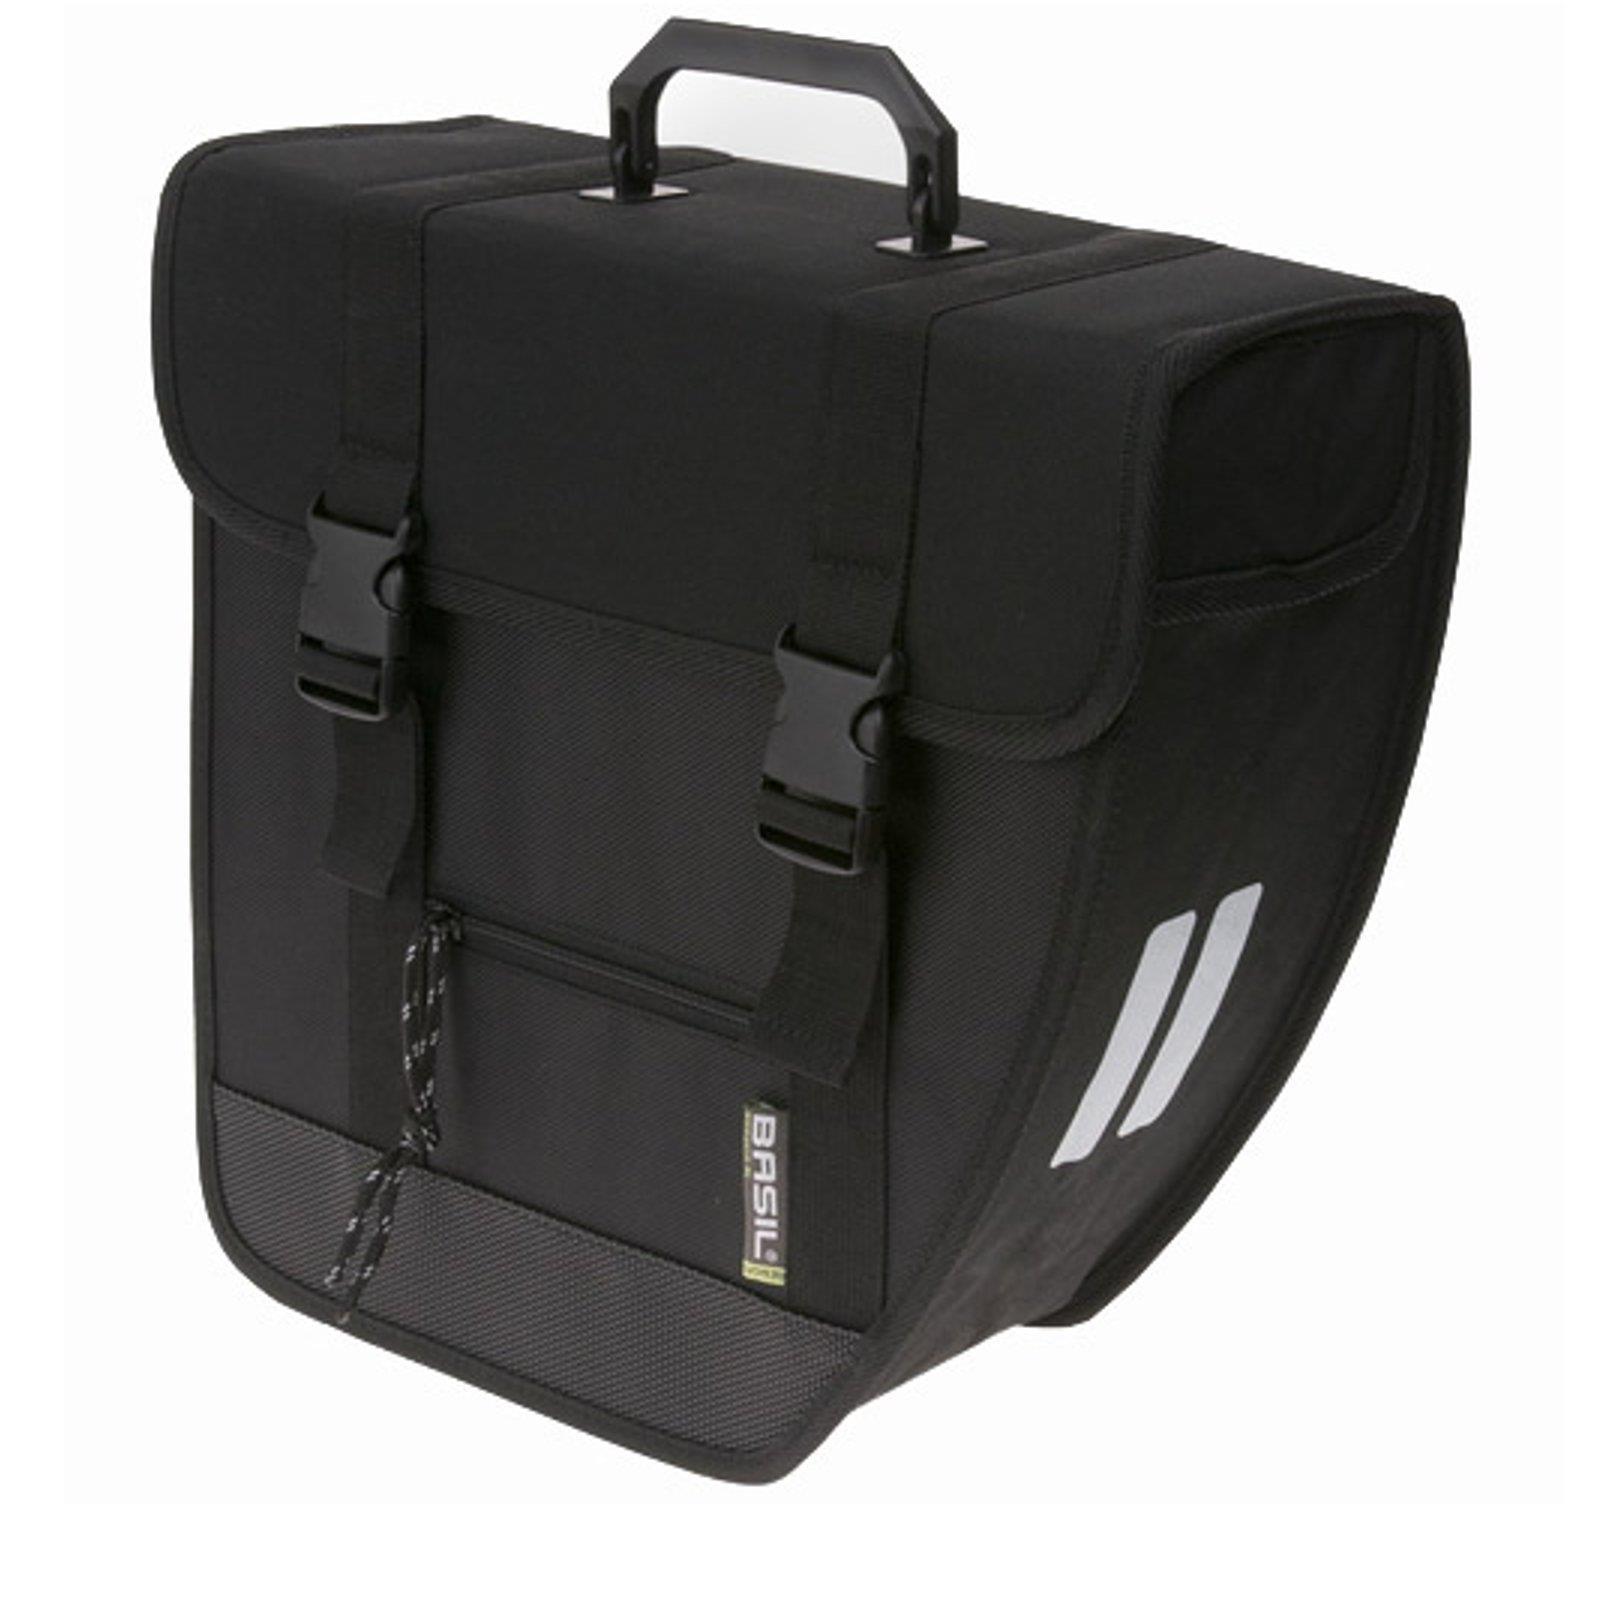 Basil Mira Packtasche Shoppertasche 17 l Einkaufstasche Tasche regenabweisend